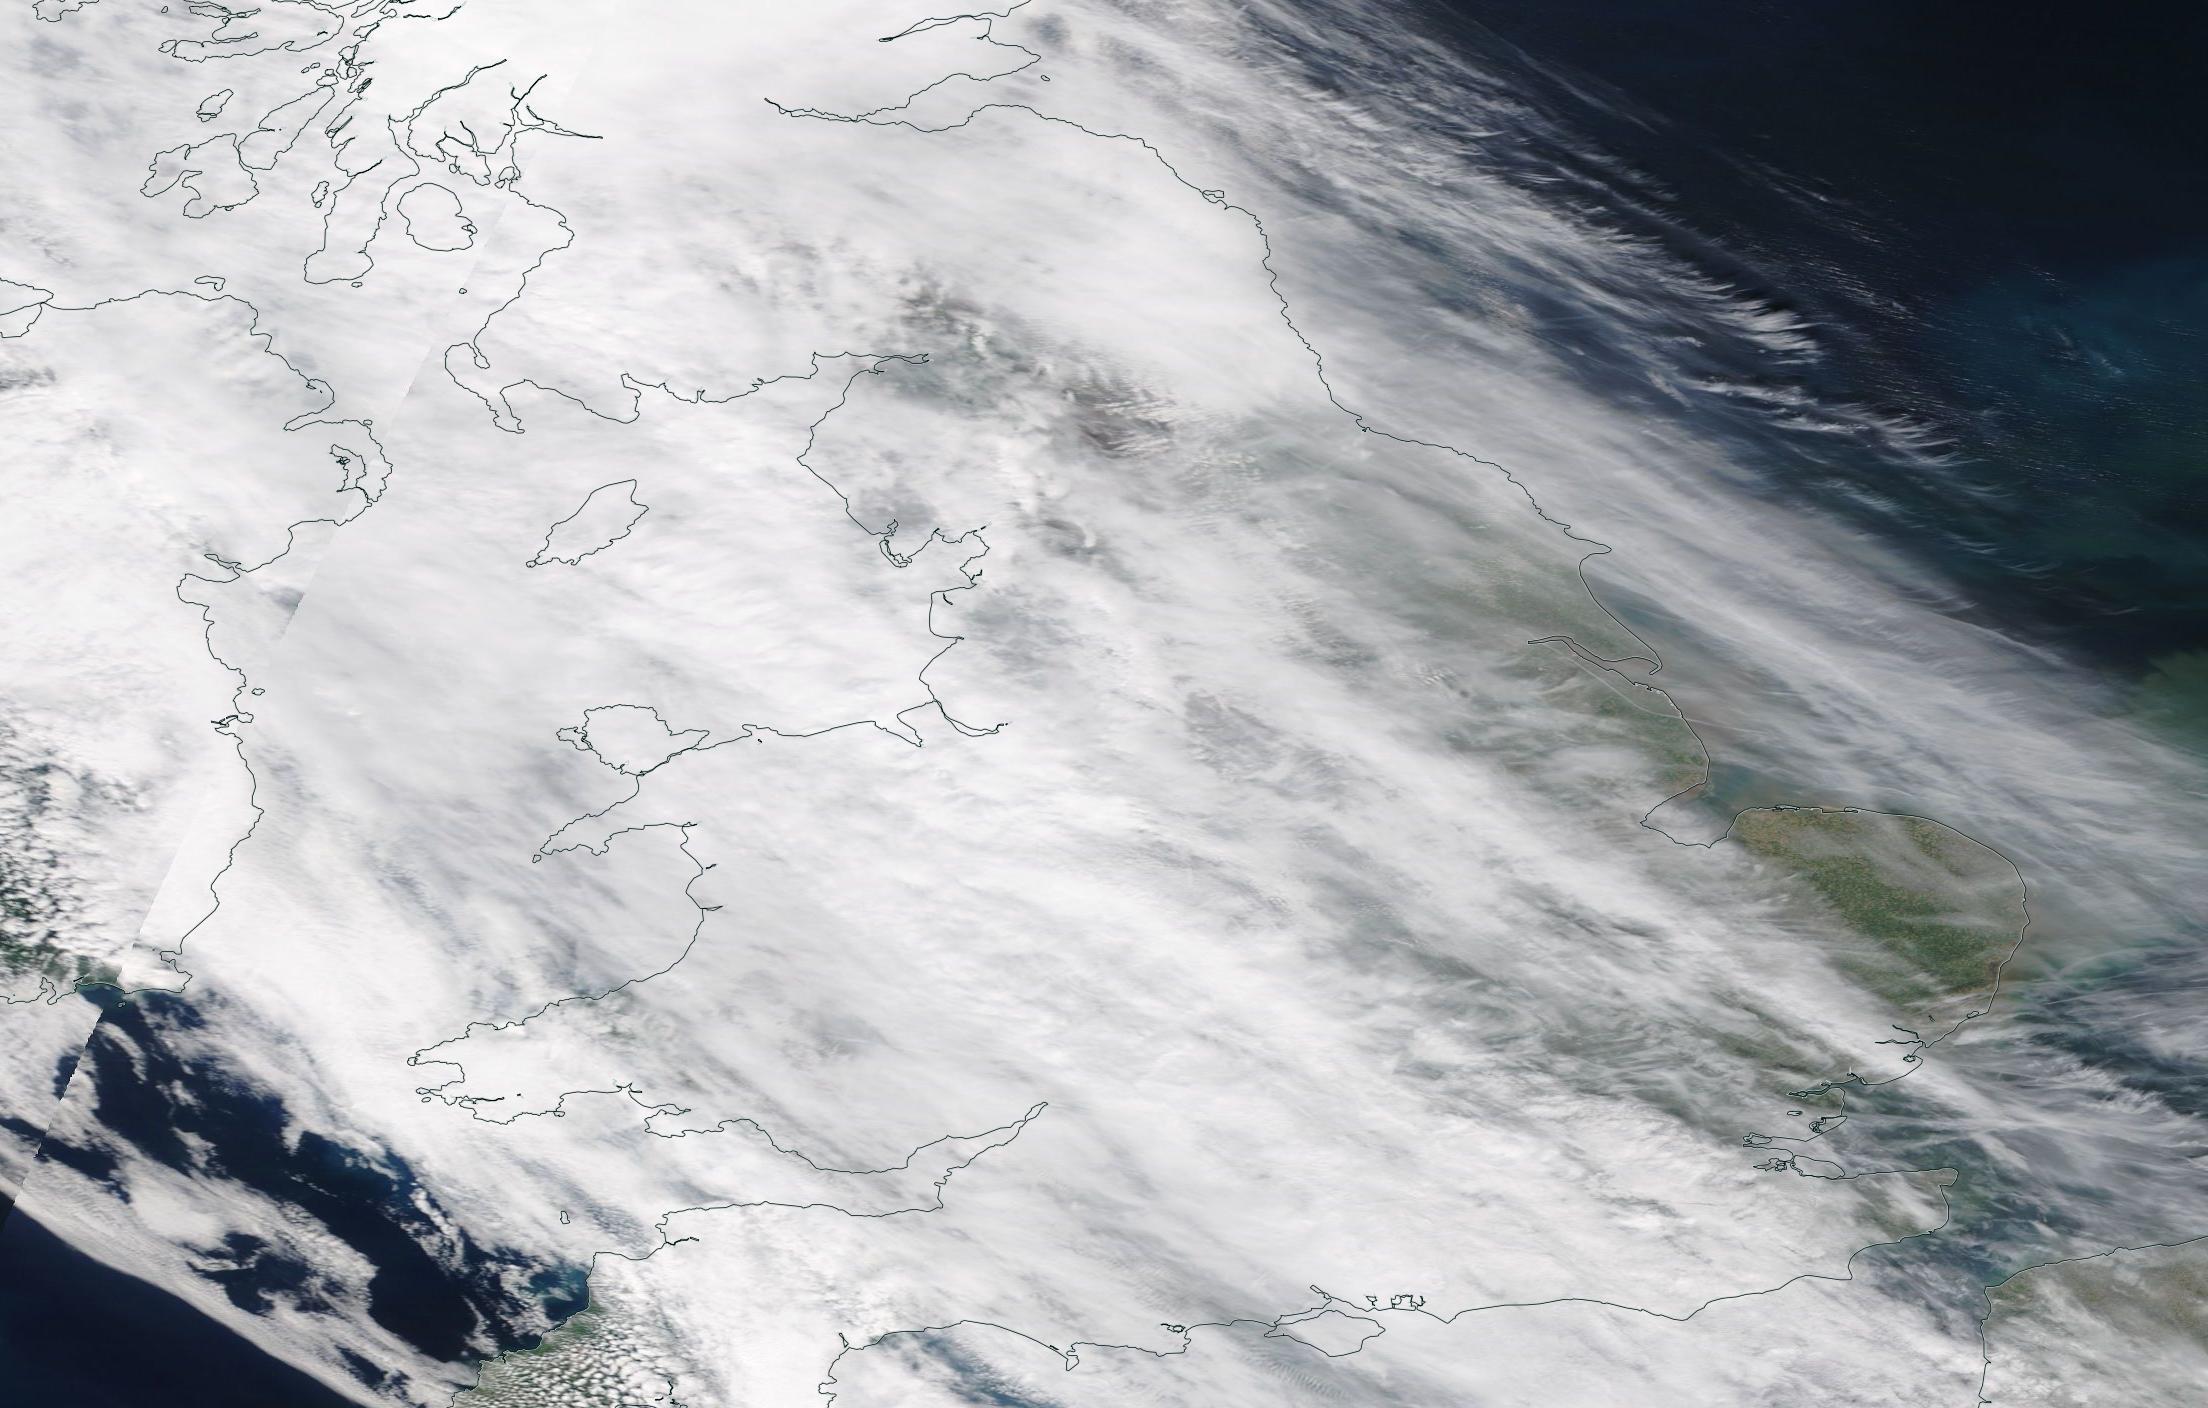 chemtrails / geoengineering UK 16h April 2019 ... https://go.nasa.gov/2UW3hVN